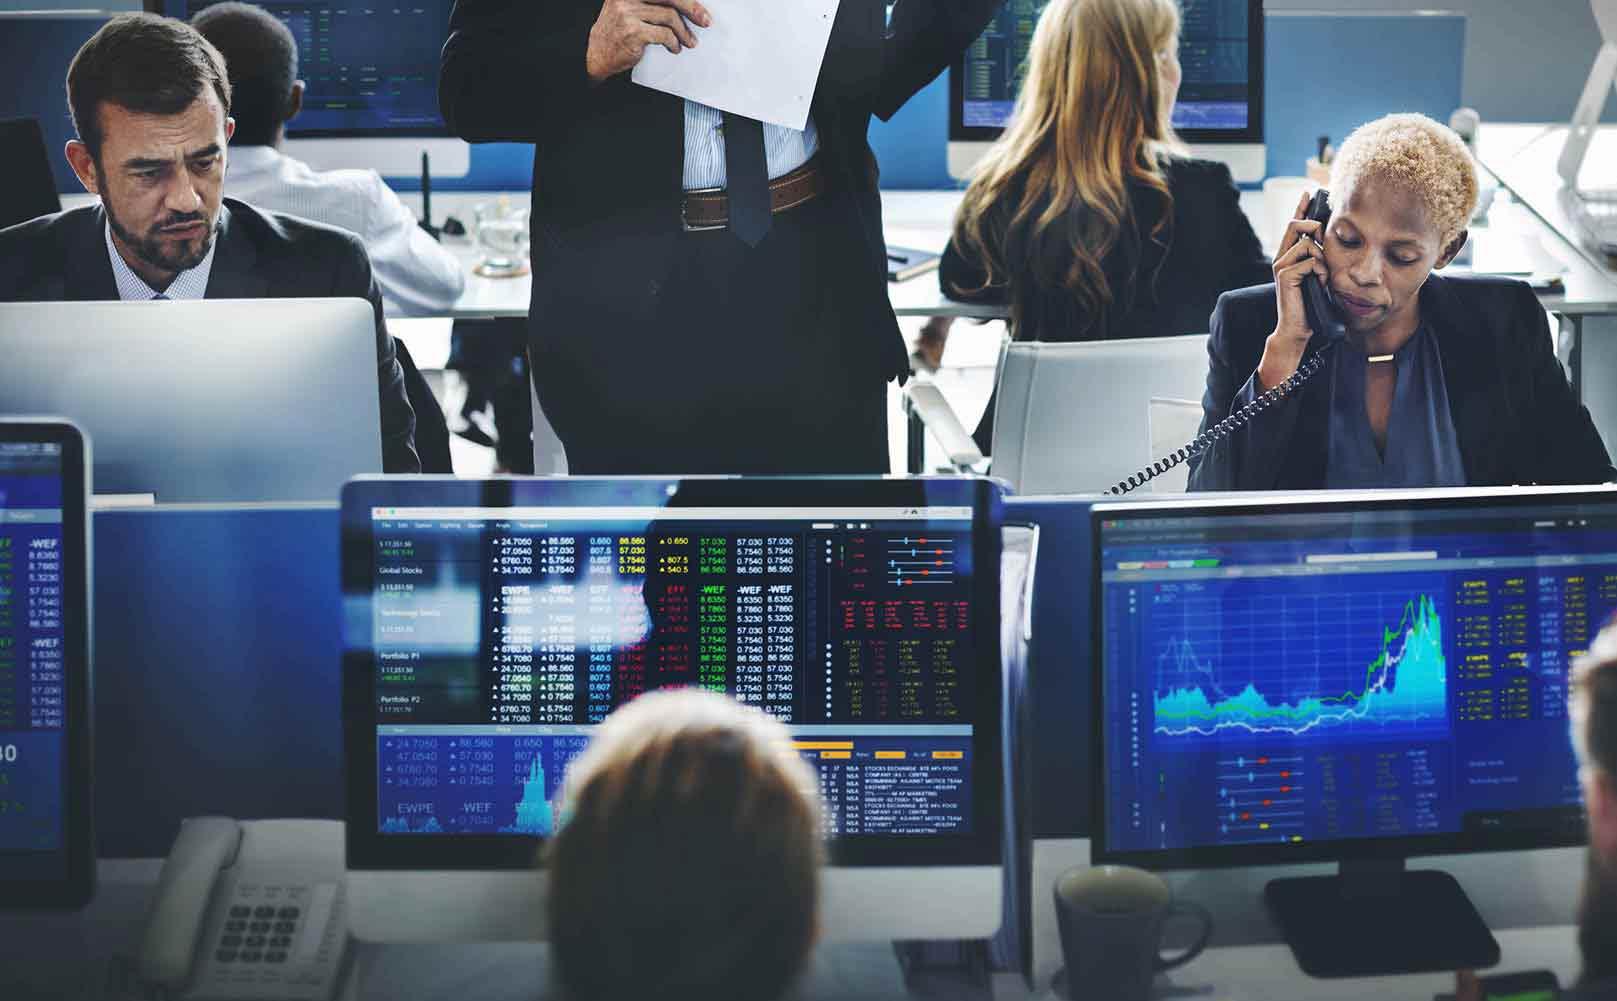 آموزش خرید و فروش سهام